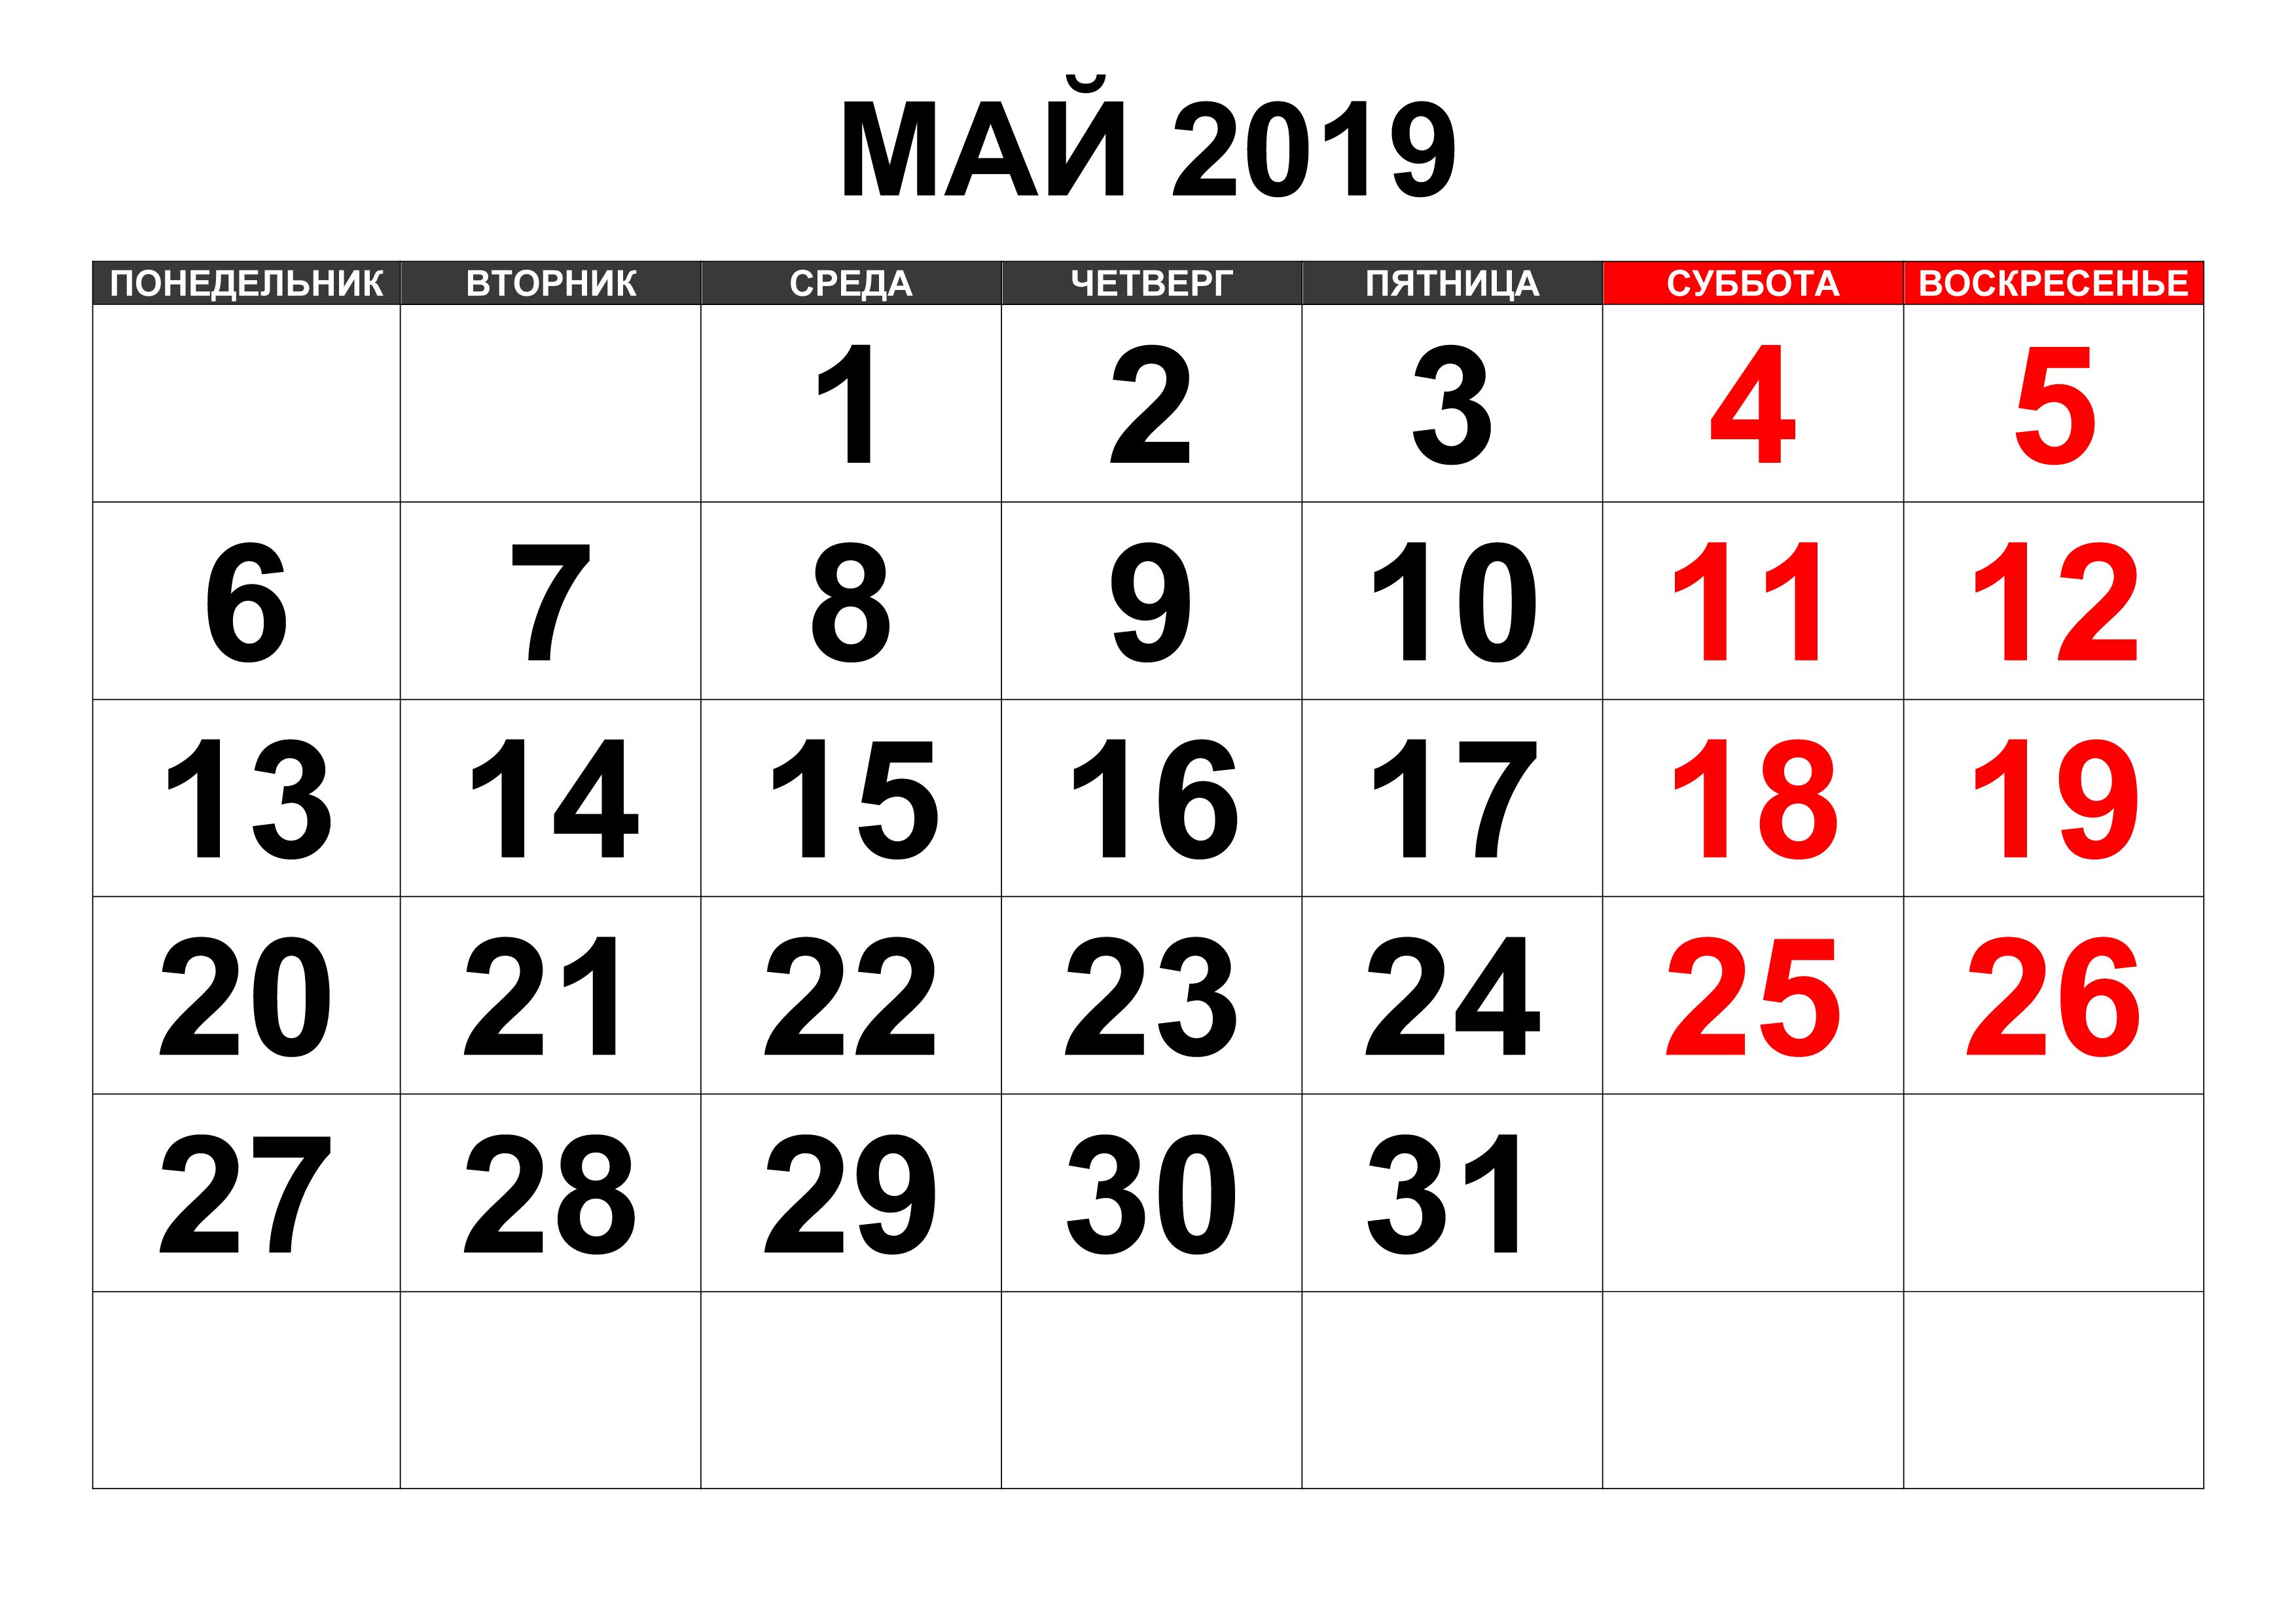 Рабочий график и планирование на май 2019 фотоРабочий график и планирование на май 2019 фото